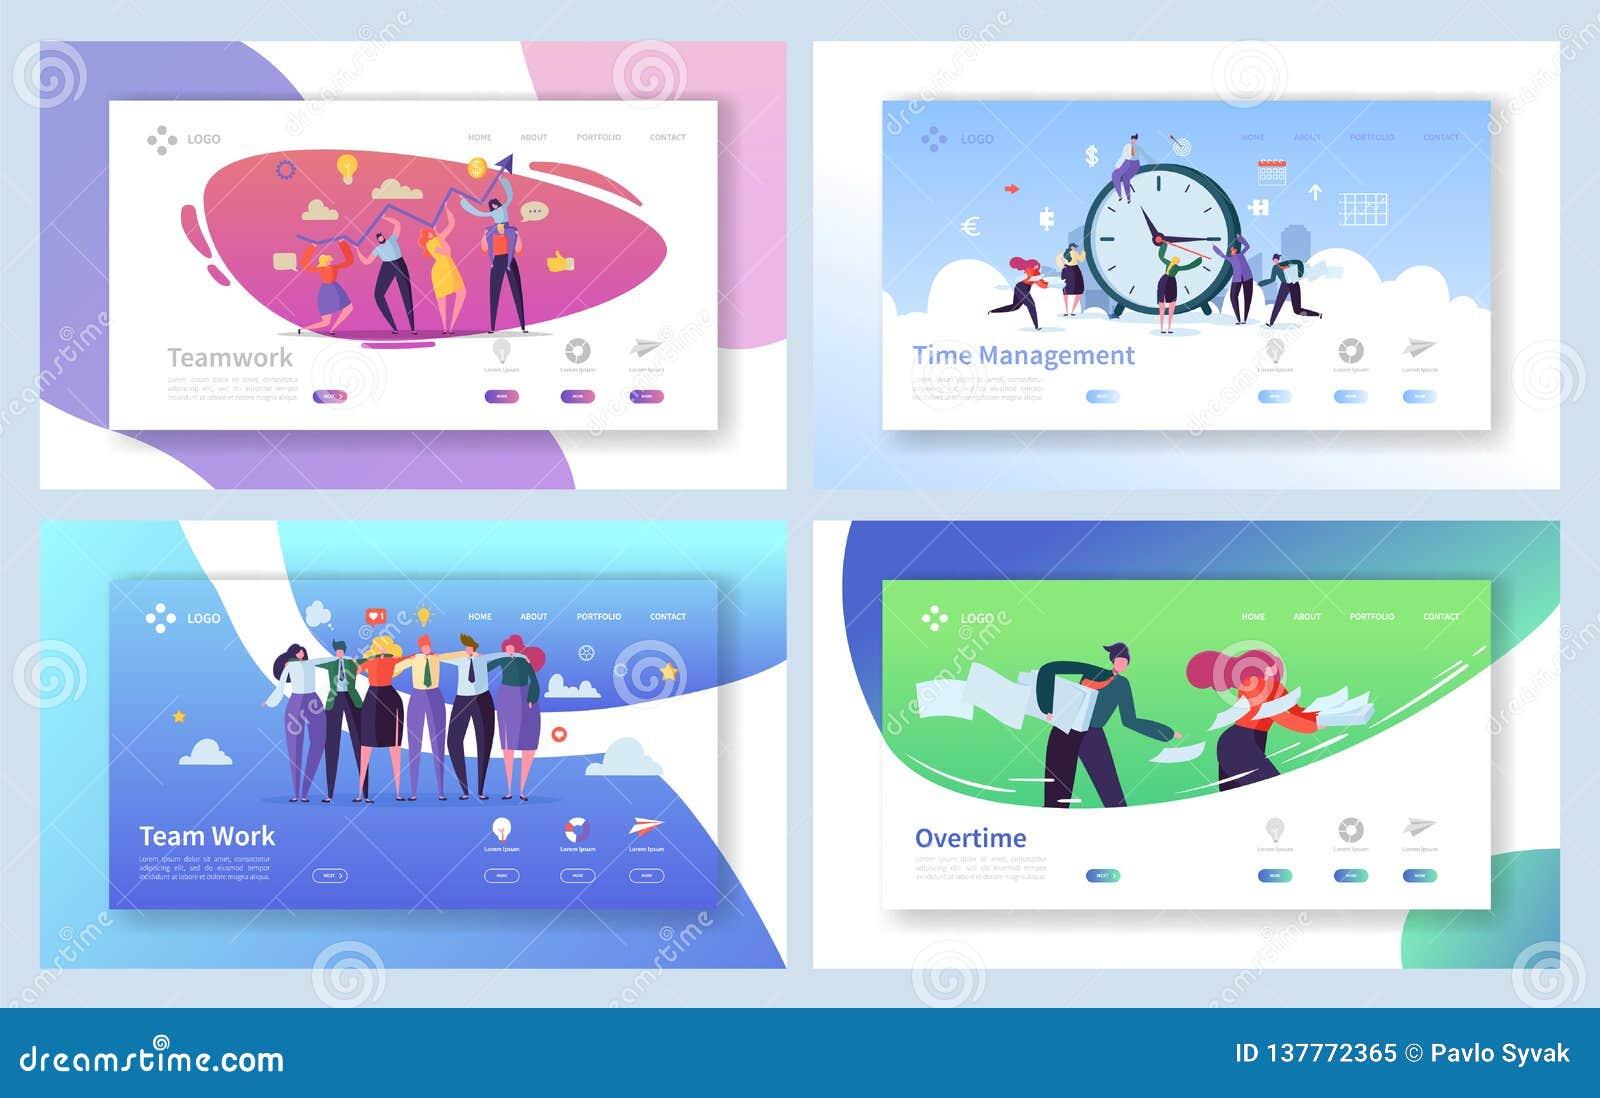 Geschäftsleute Teamwork-Landungs-Seiten-Satz- Kreativer Unternehmens-Team Collaboration Work für Innovations-Zeit-Management